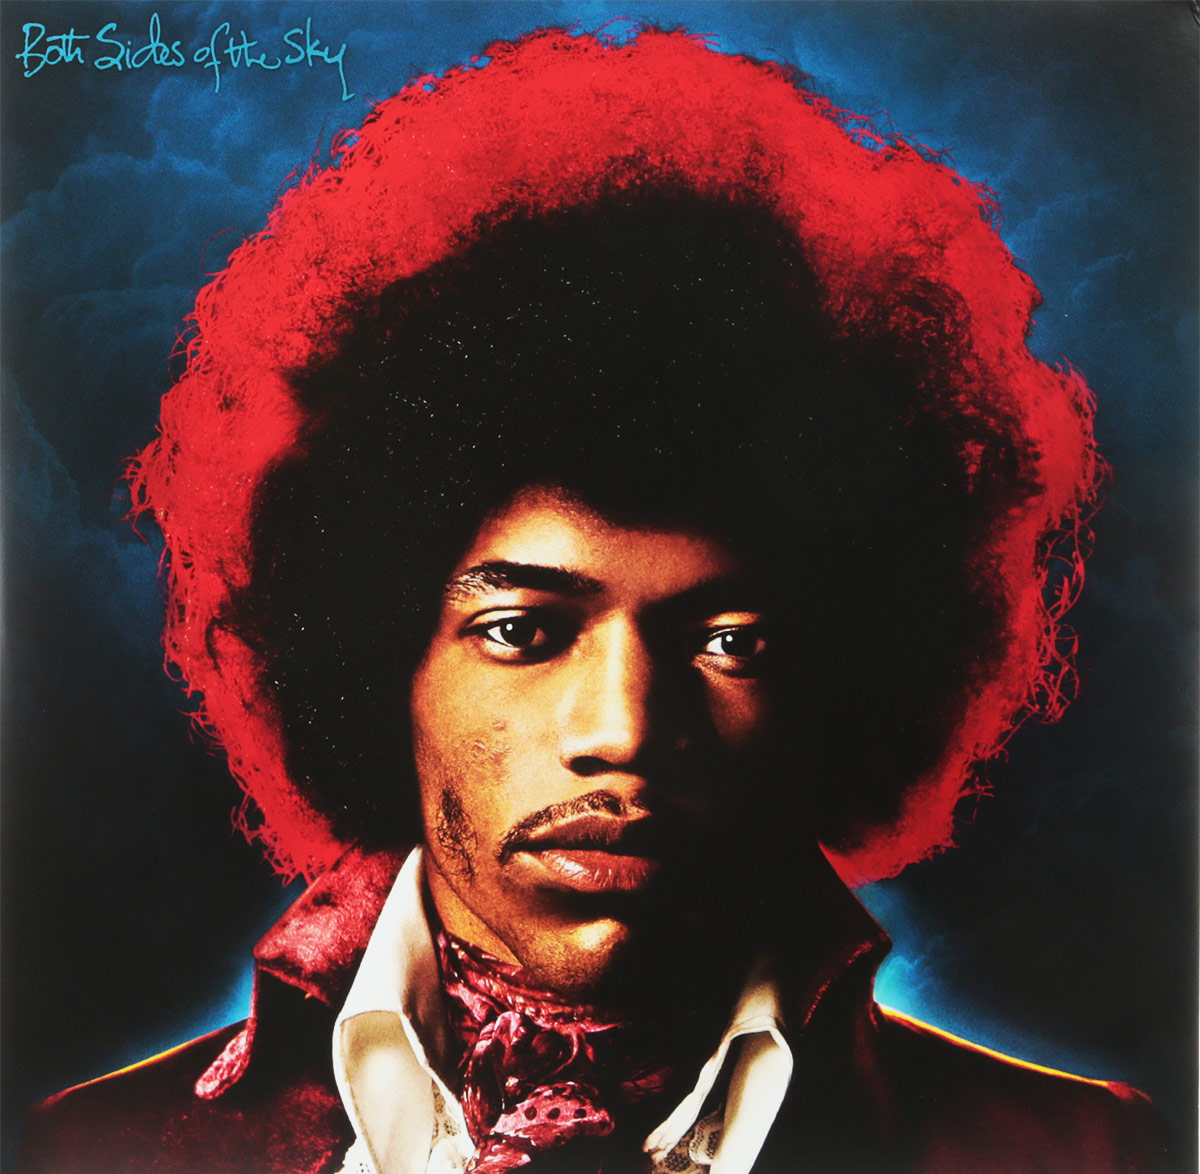 джими хендрикс jimi hendrix experience hendrix the best of jimi hendrix 2 lp Джими Хендрикс Jimi Hendrix. Both Sides Of The Sky (2 LP)